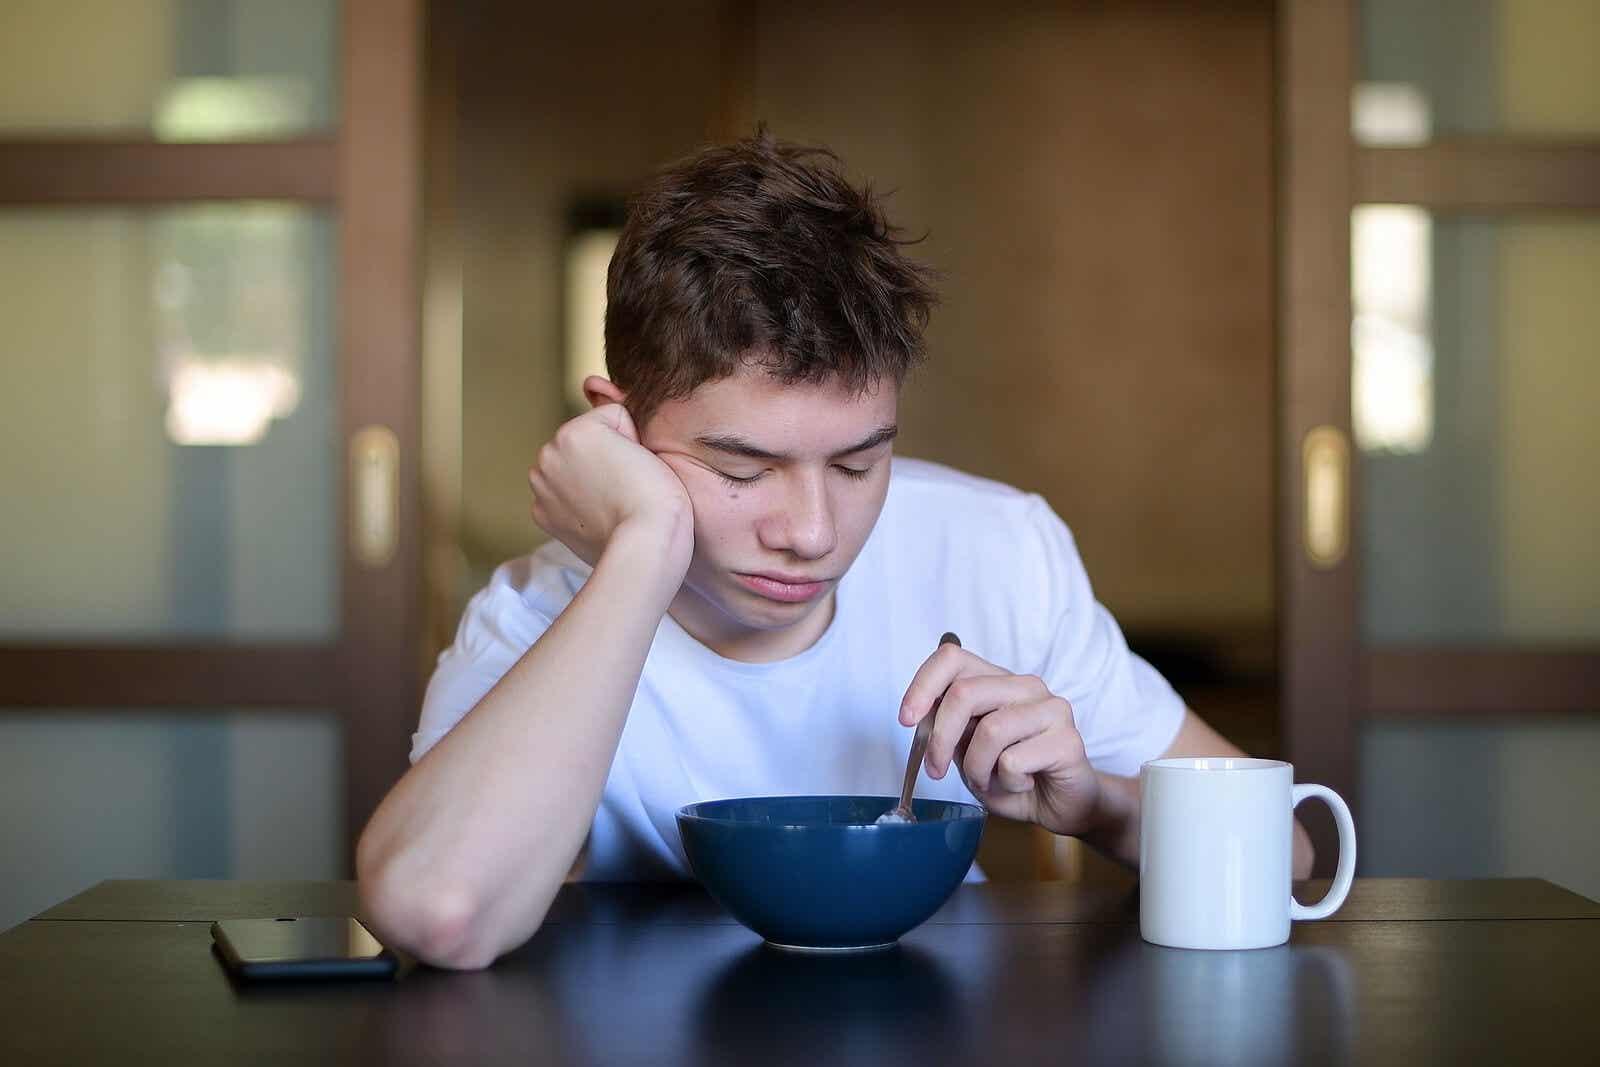 En teenager, der er træt ved morgenmaden